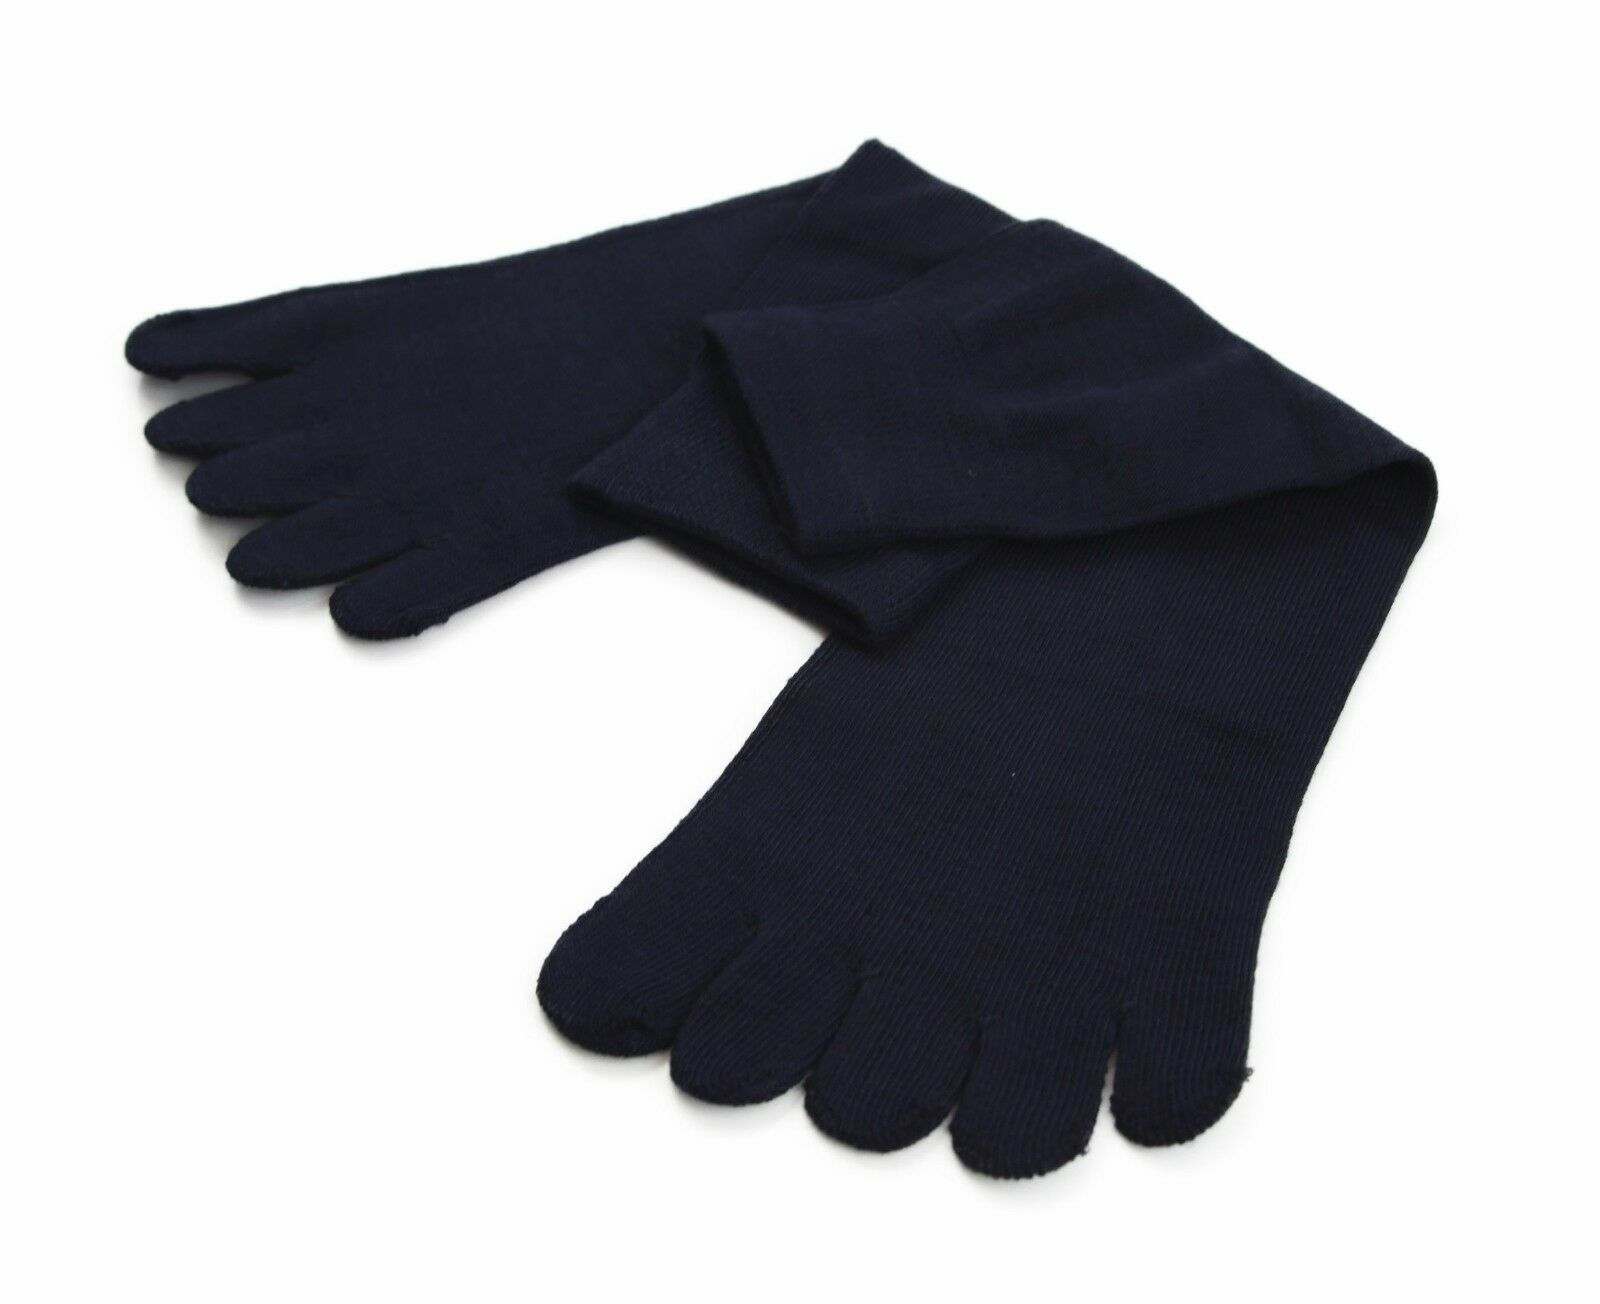 縮圖 11 - Toe Socks Premium Cotton Ankle Five Finger Socks Black Grey Brown Mens Womens